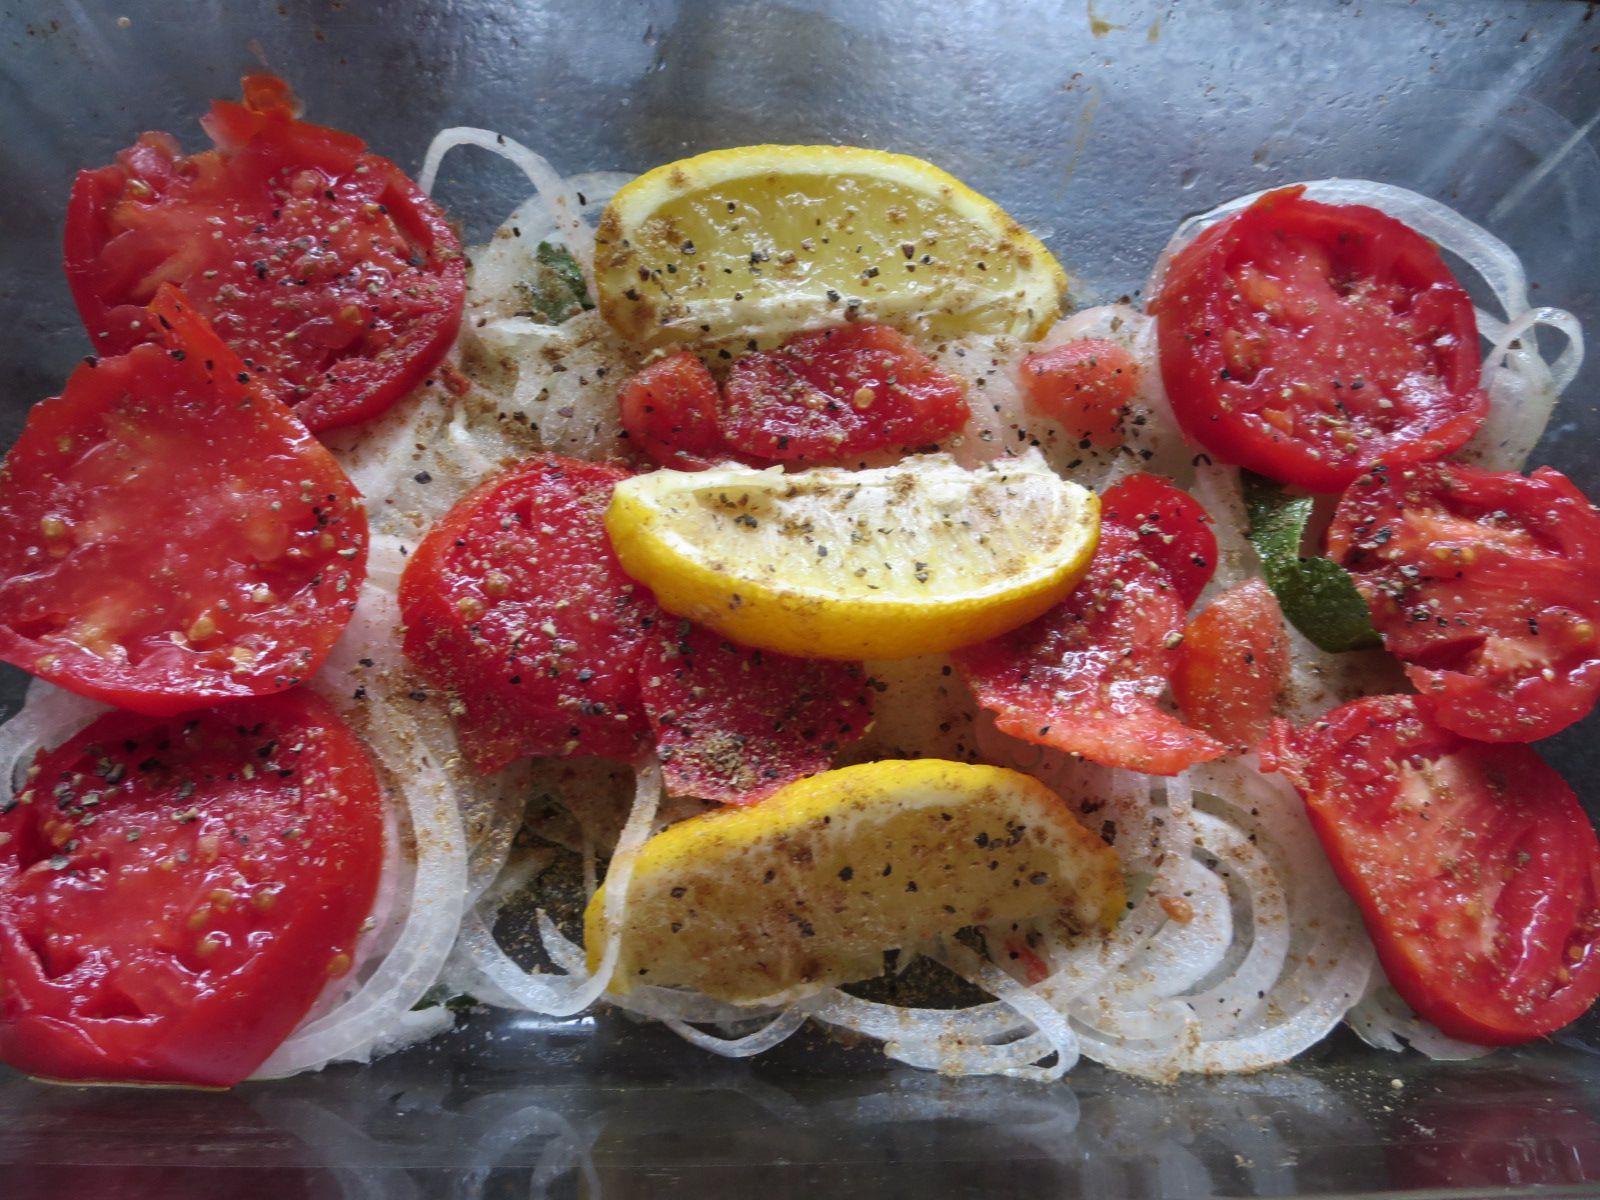 Des bons plats de légumes cuits au four pour accompagnement de viandes ou de poissons